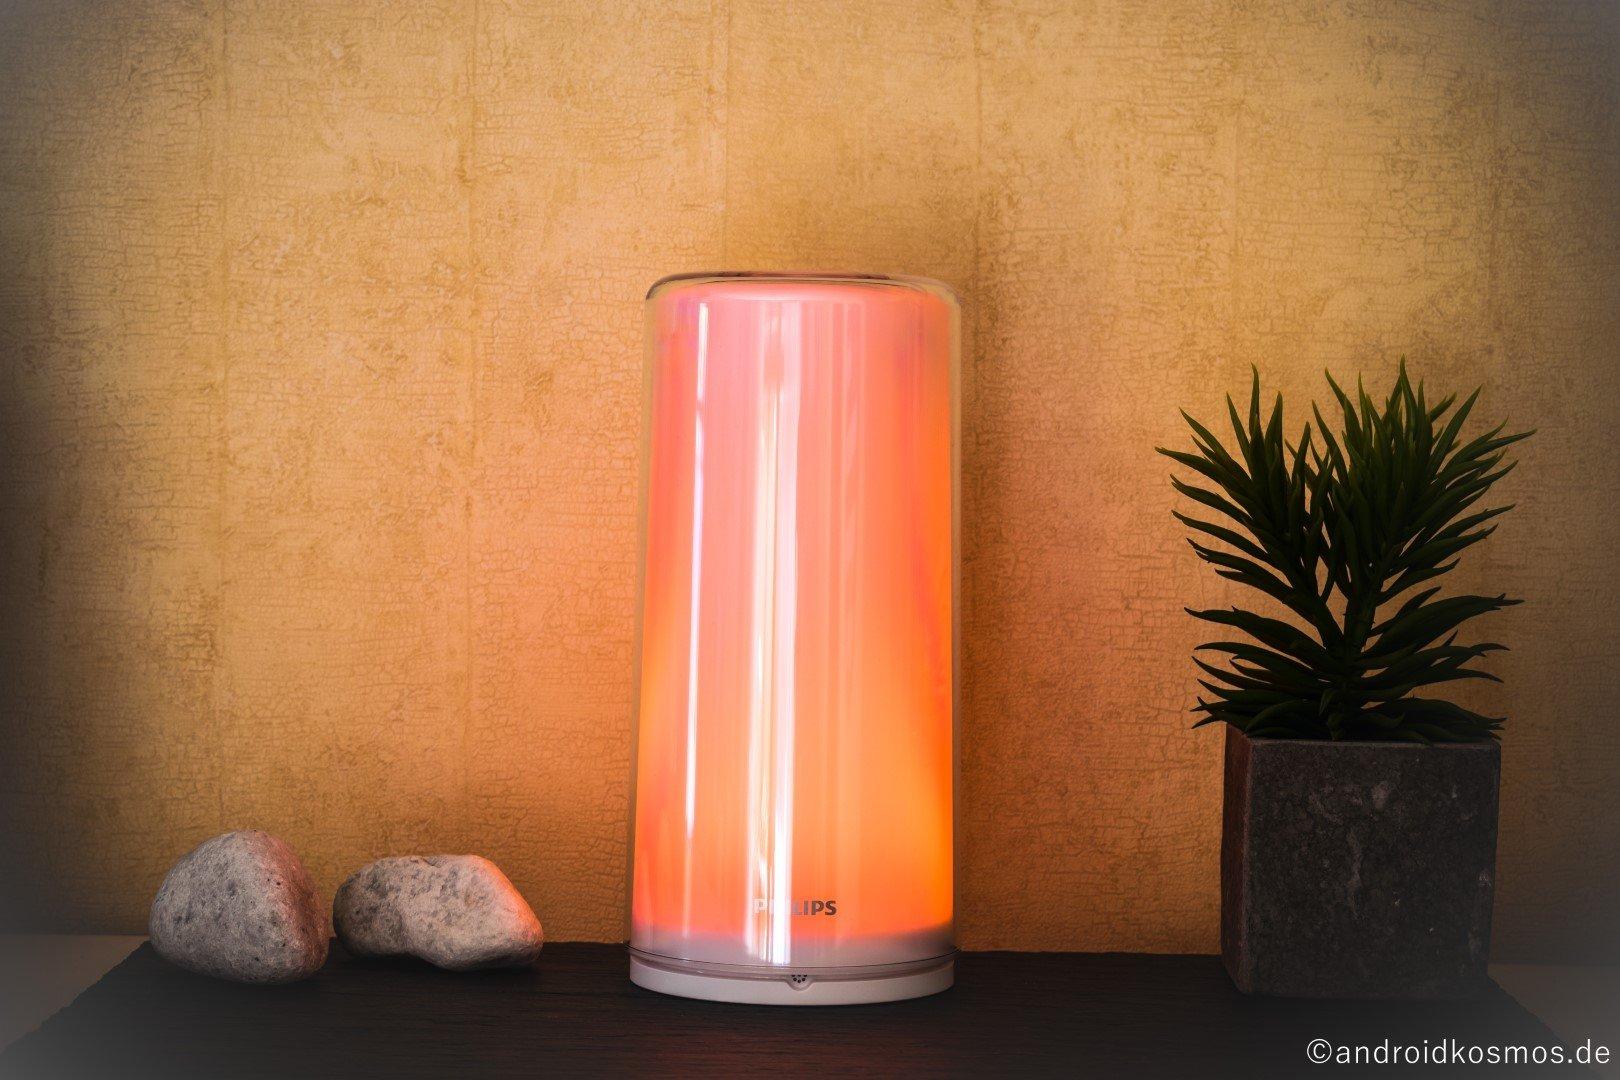 Philips-Zhirui Bedside Lampe